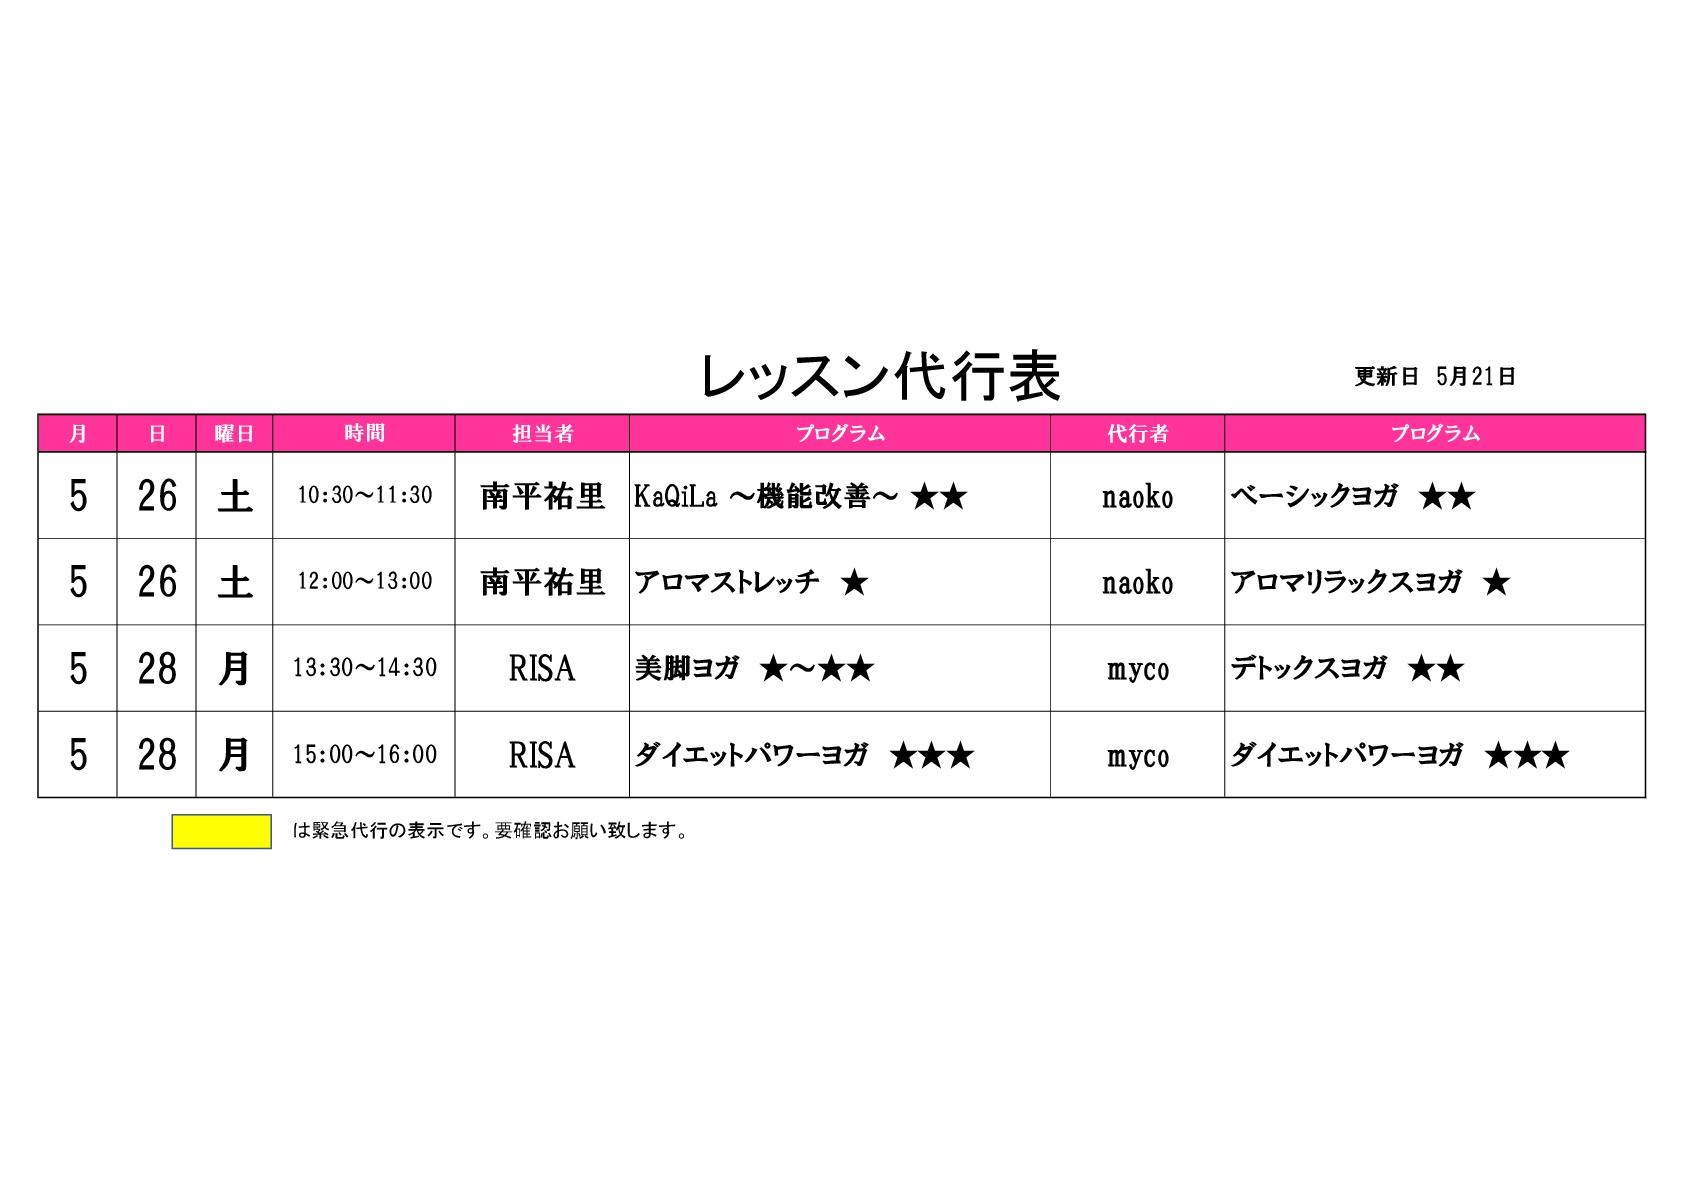 代行表【カルド草津滋賀】-001 (35)